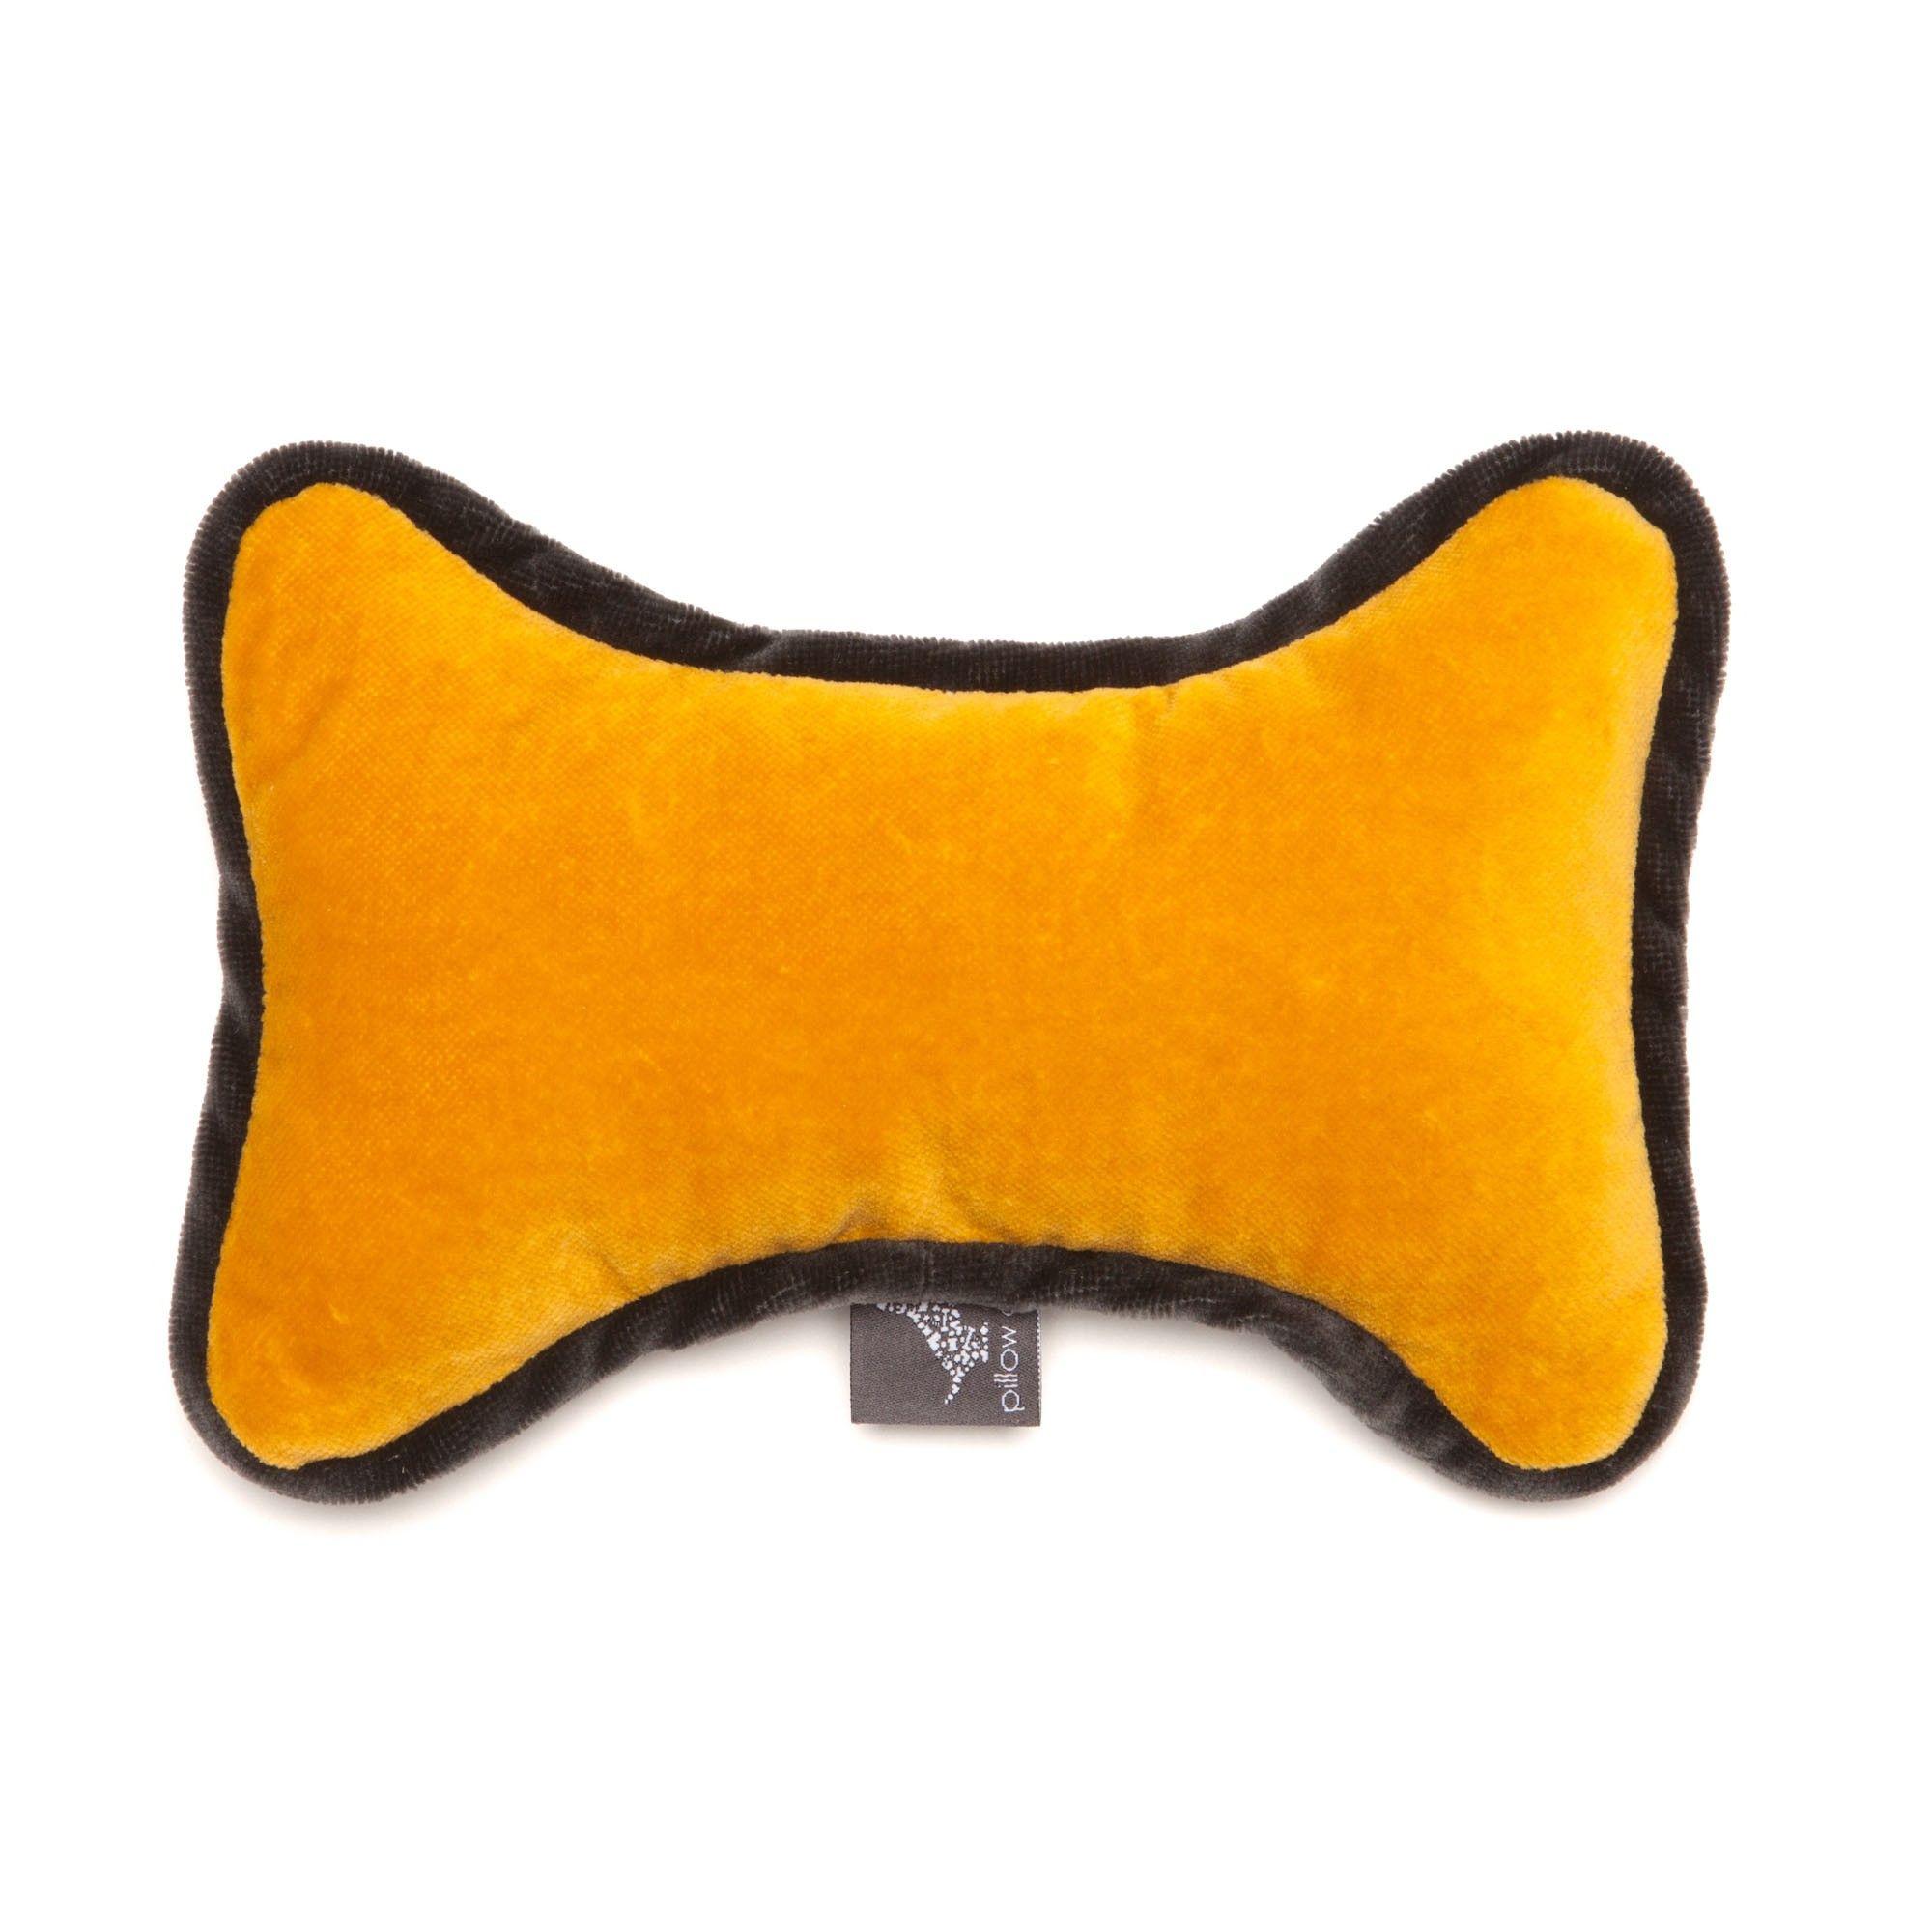 Farbkombinationen Blau Grau: Bone Toy Monogramm Yellow Made Of Dark Gray And Yellow